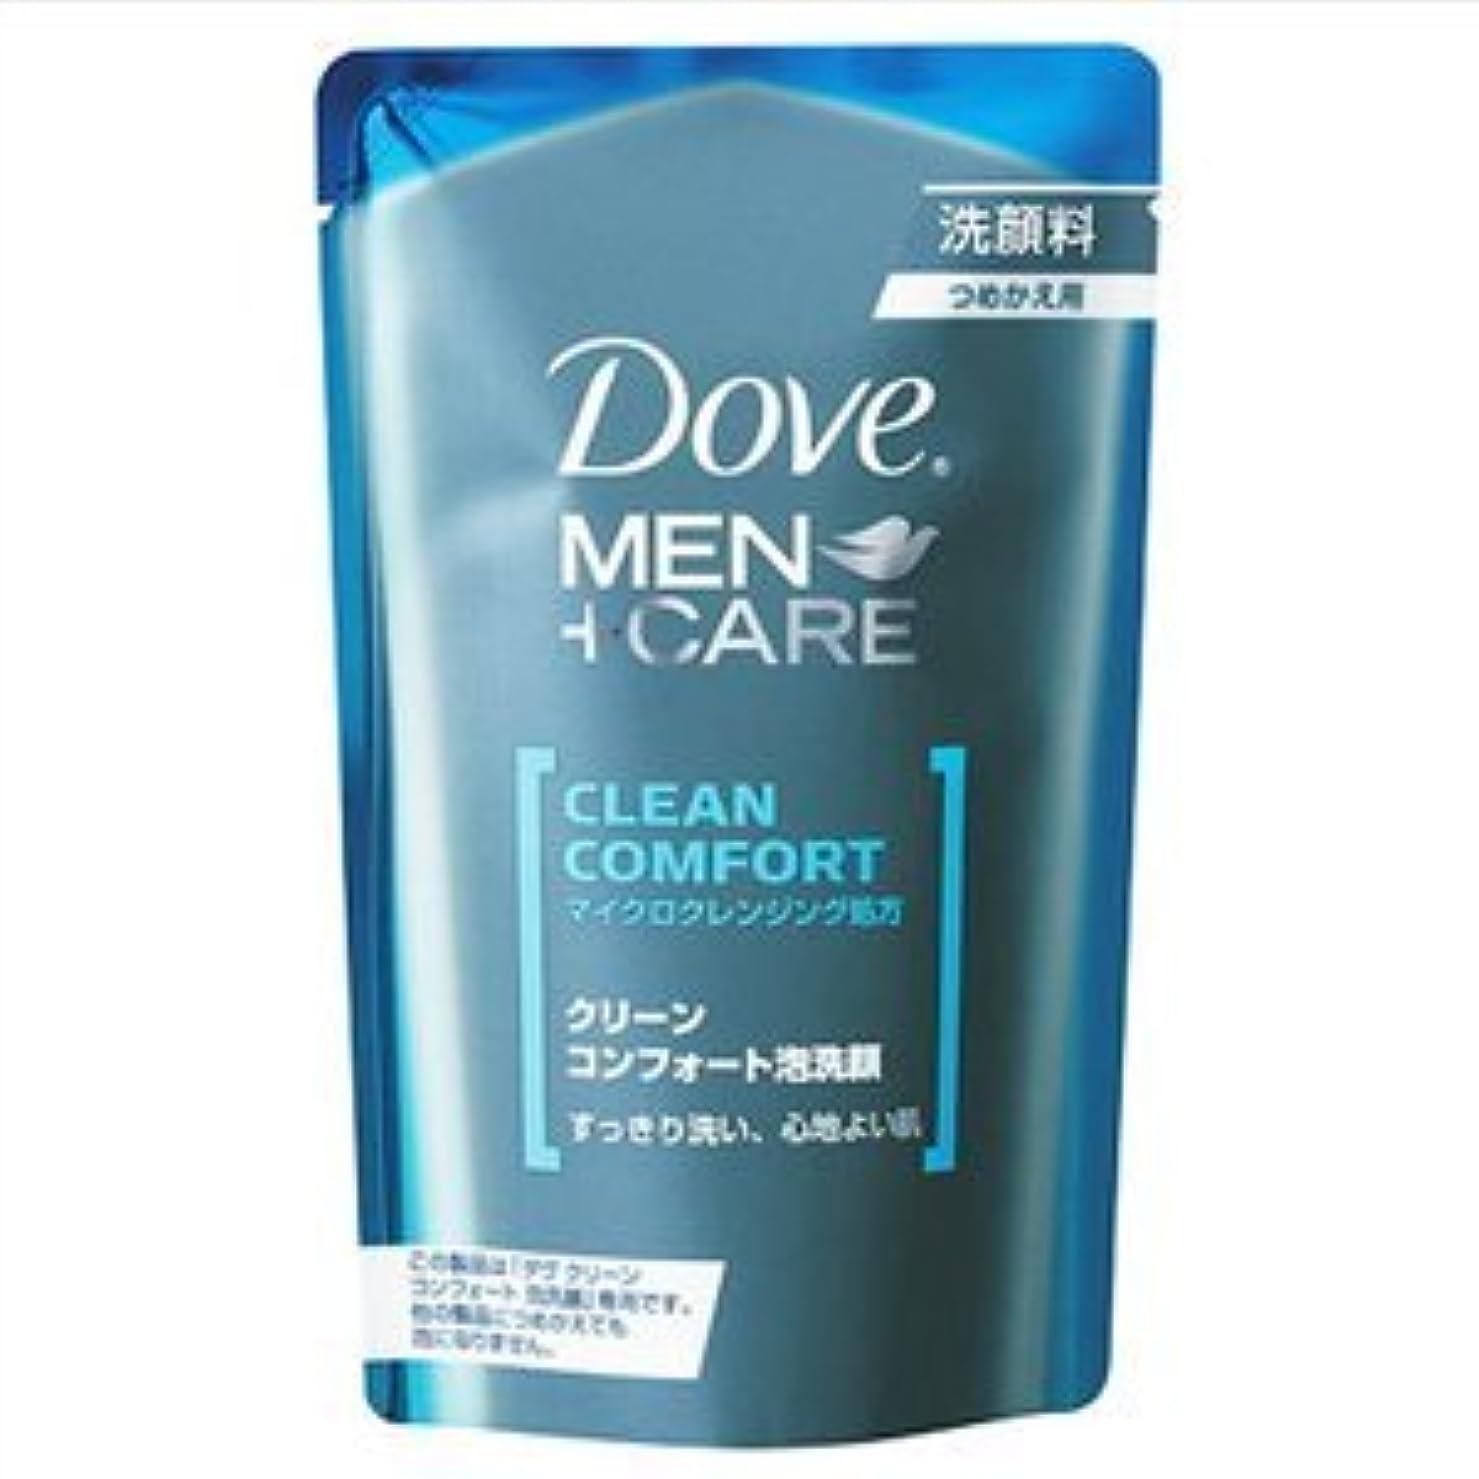 違反シーサイド前提条件ダヴCコンフォート泡洗顔替え110ML × 10個セット